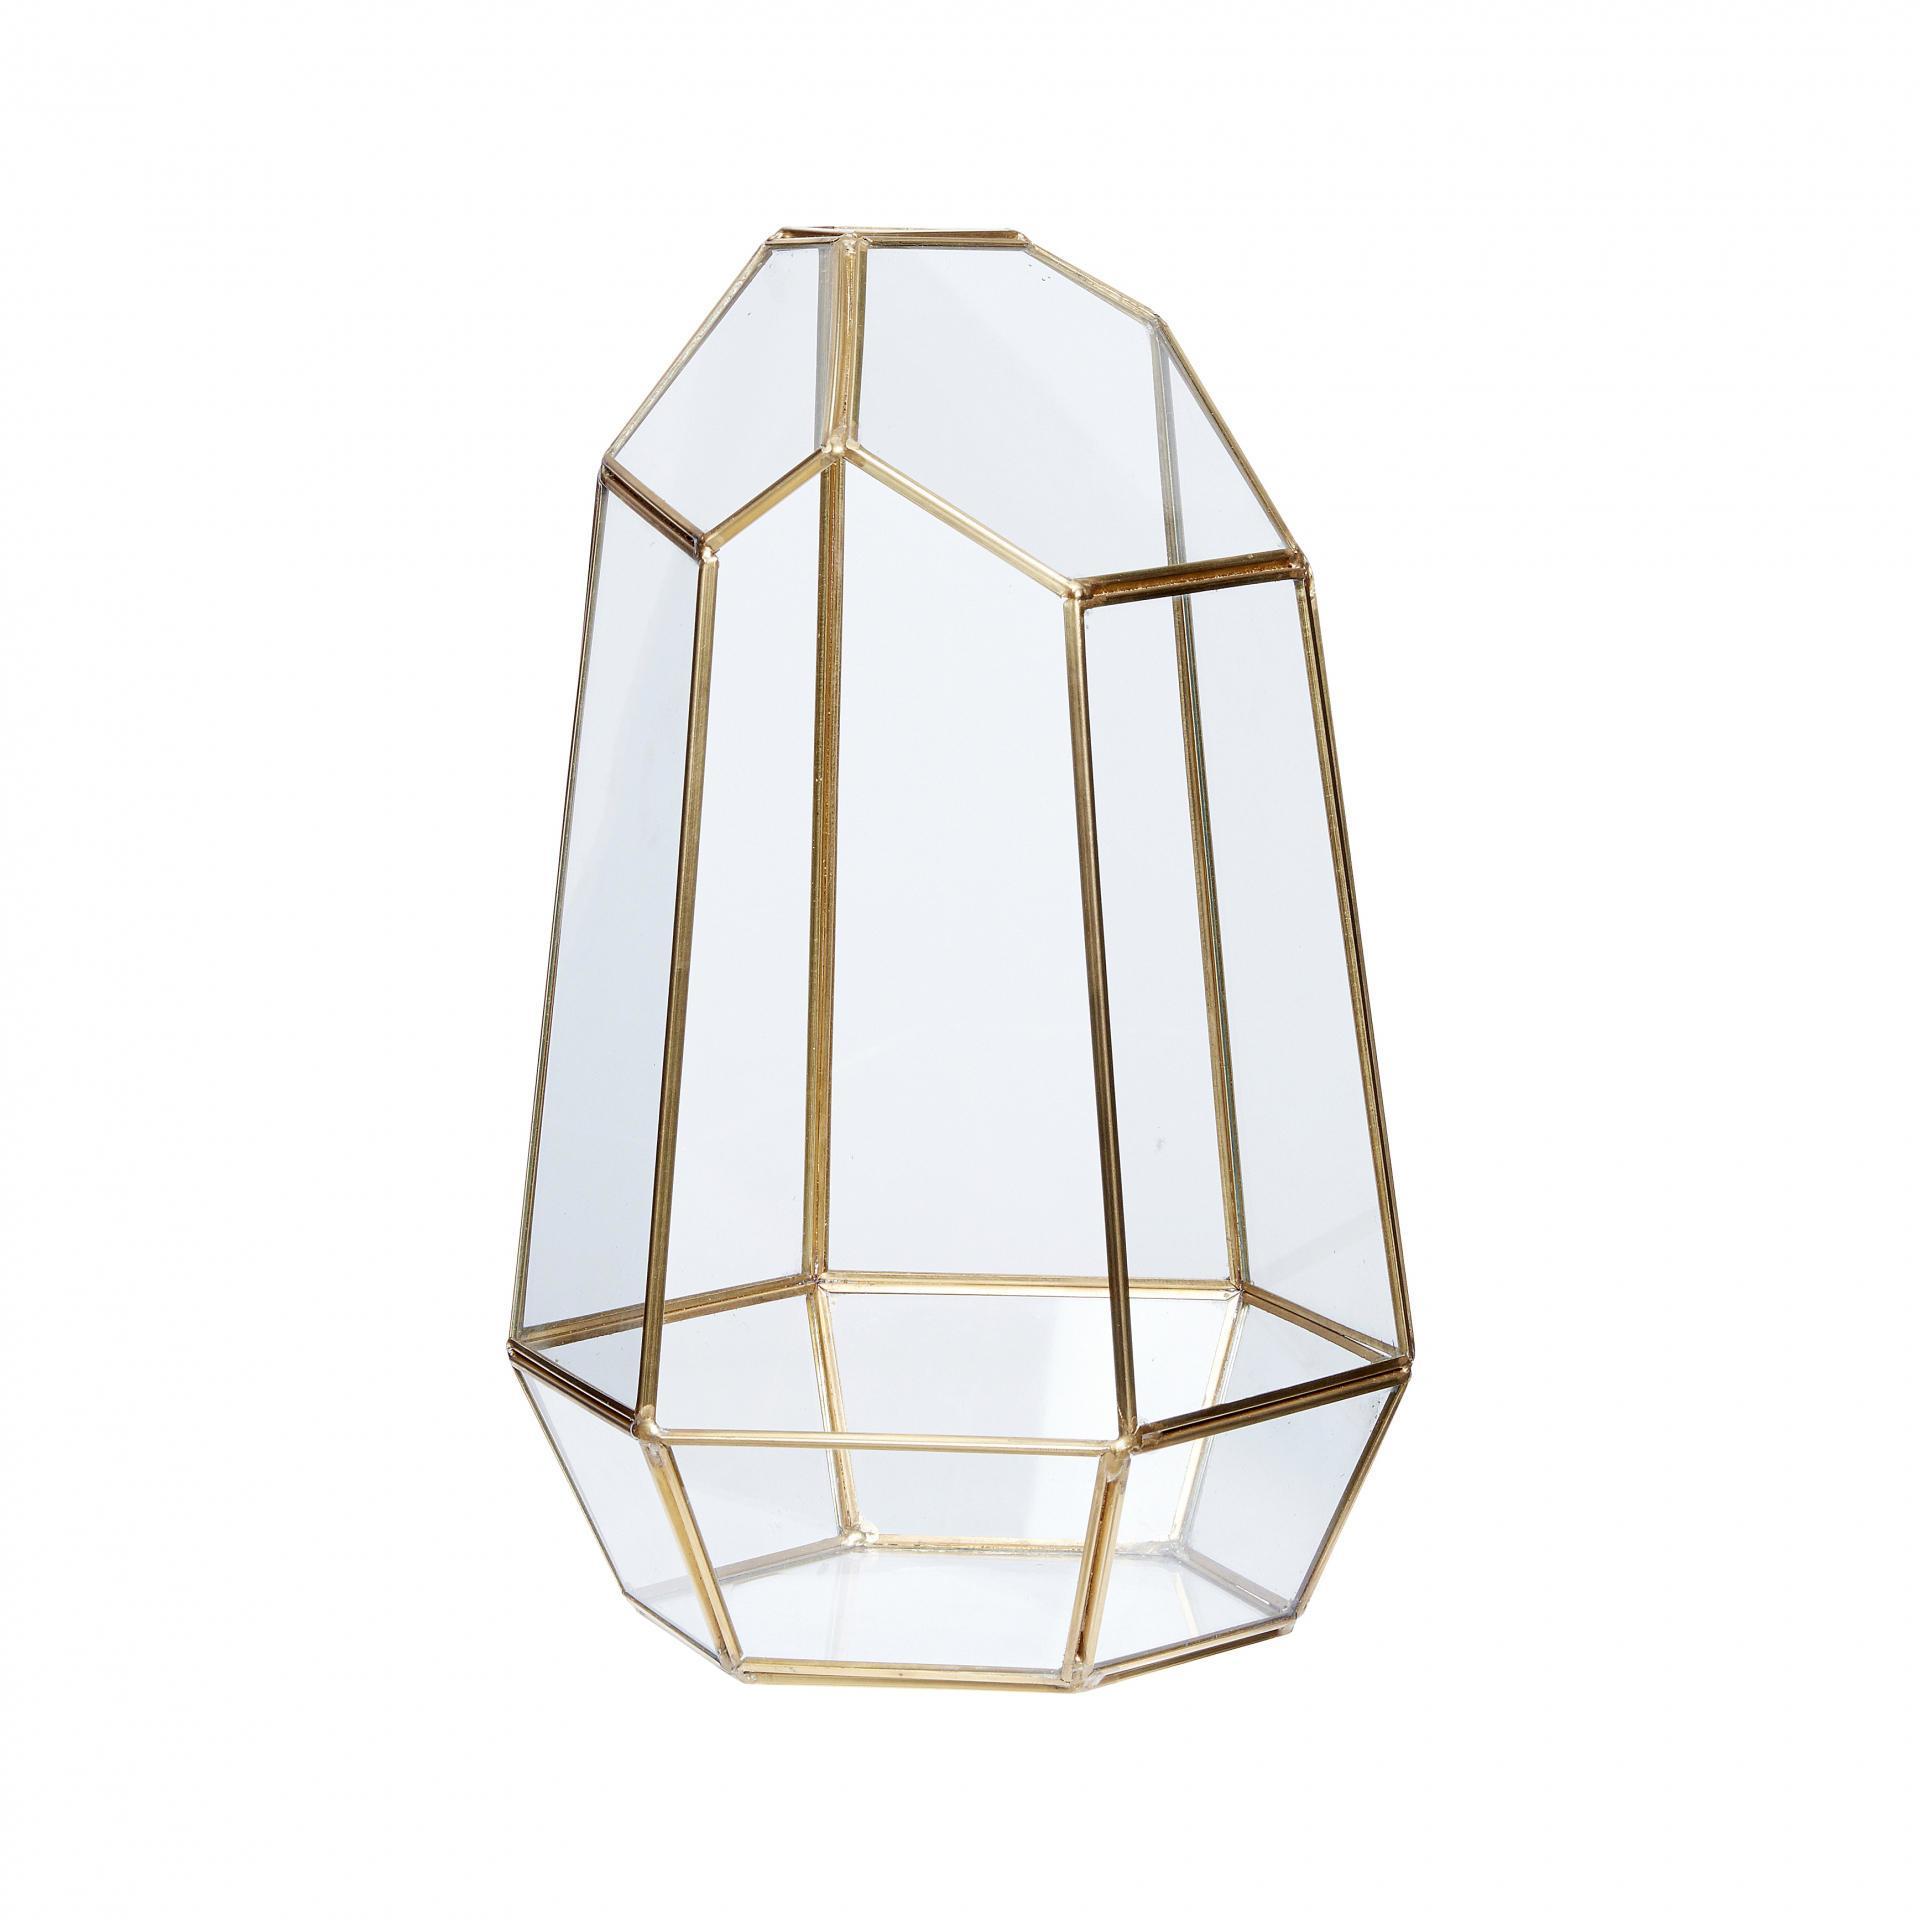 Hübsch Skleněný box Polyhedron Brass, zlatá barva, sklo, kov